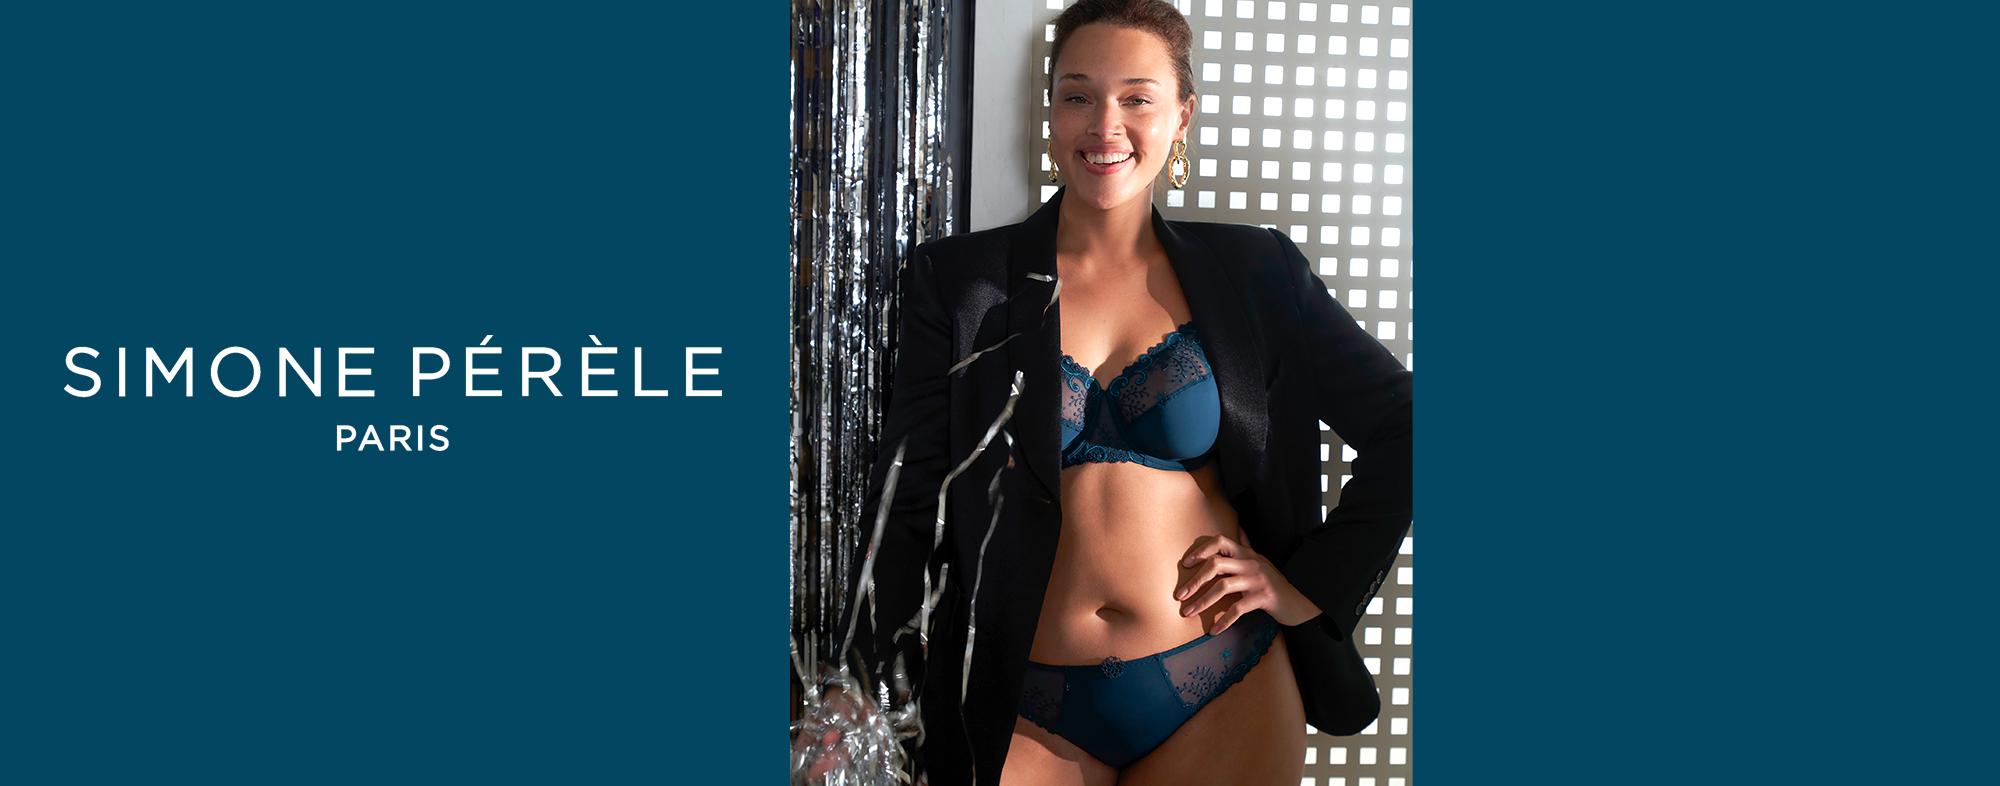 Simone Perele - Délice